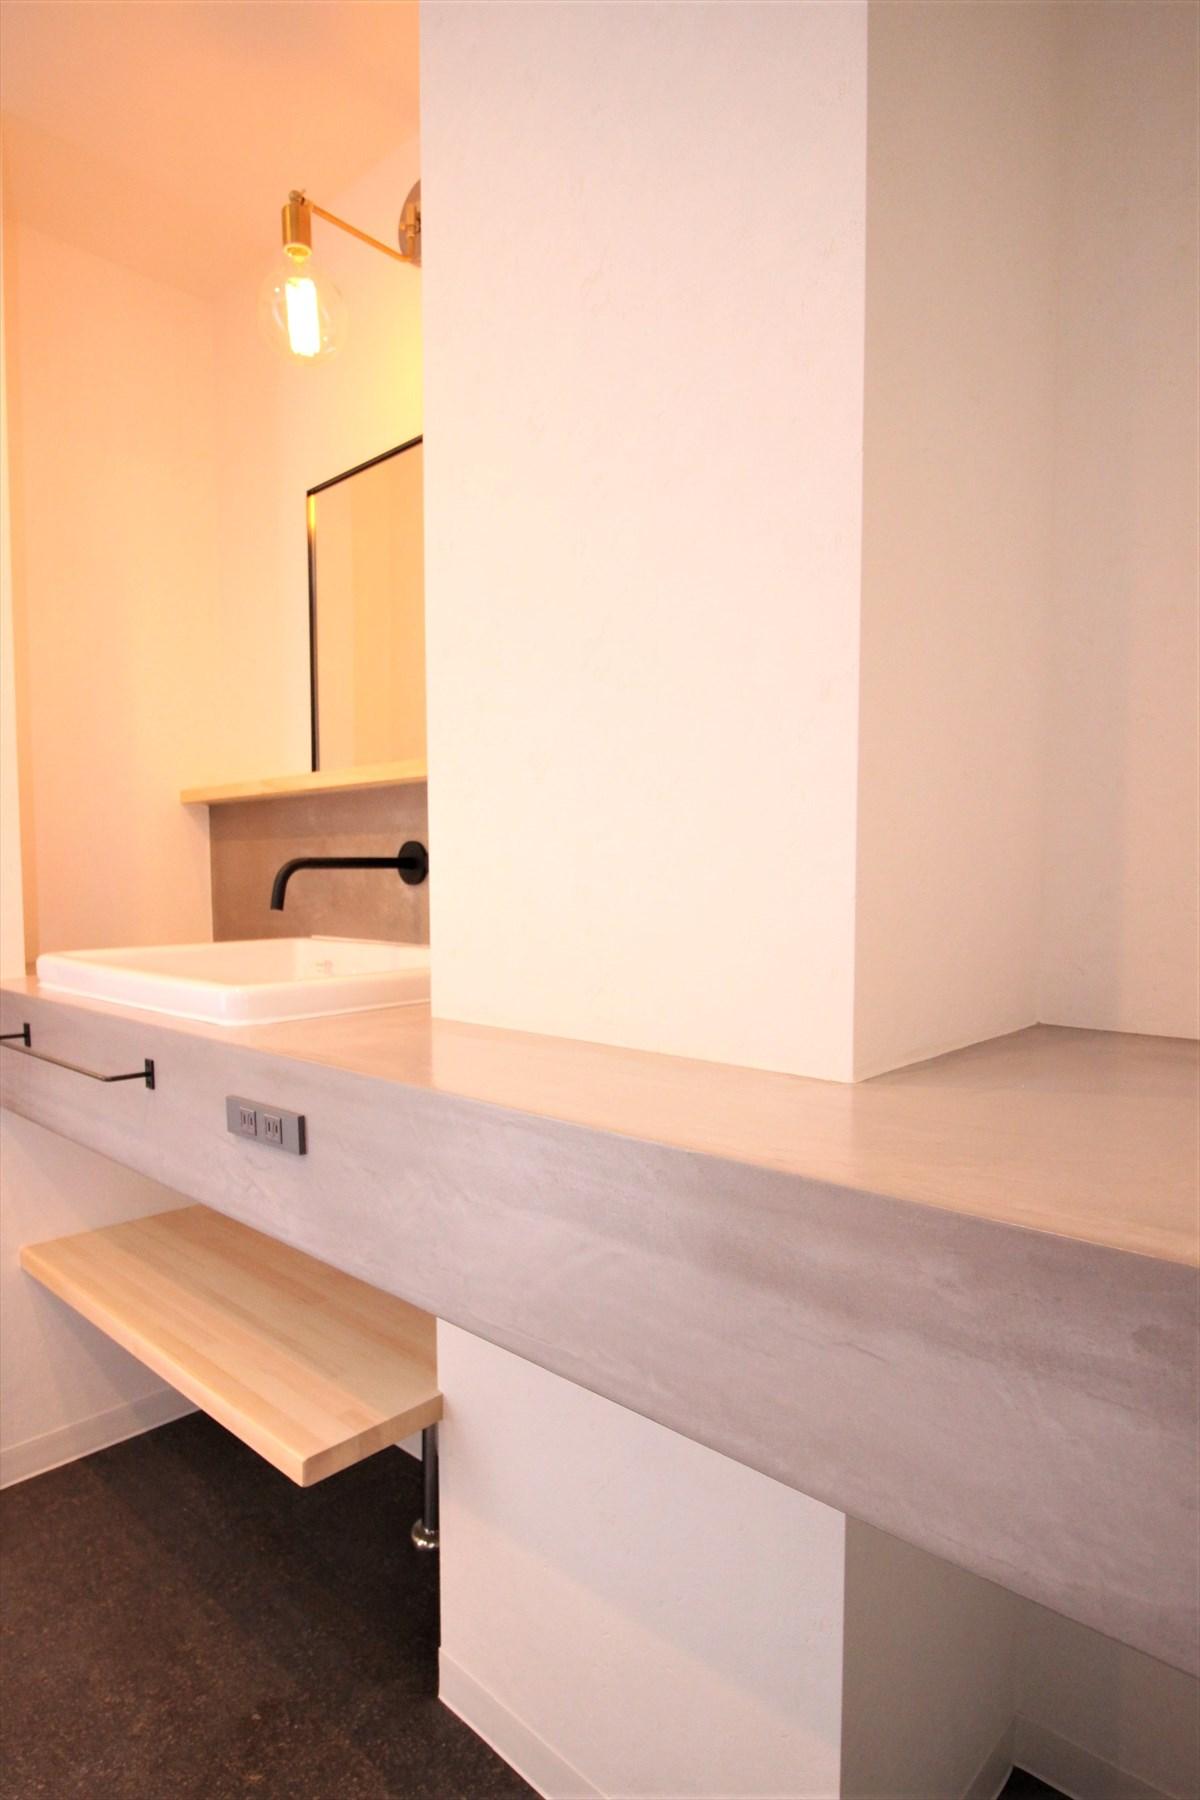 デコリエ洗面スペース|横浜リノベーション